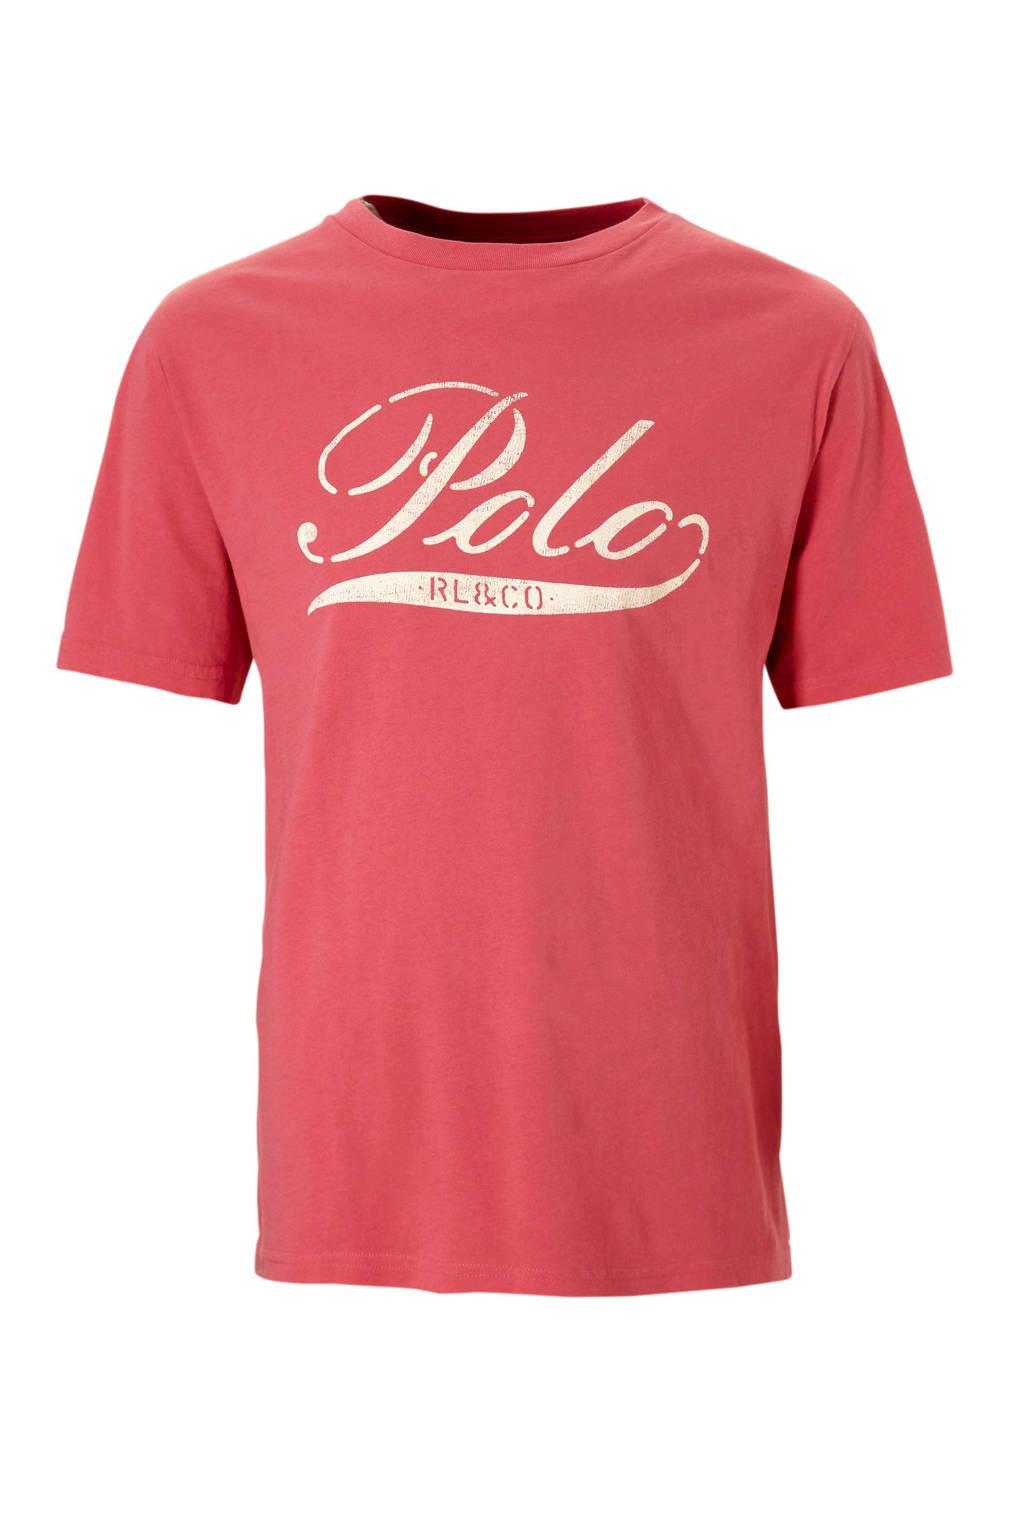 POLO Ralph Lauren T-shirt met logo zachtrood, Zachtrood